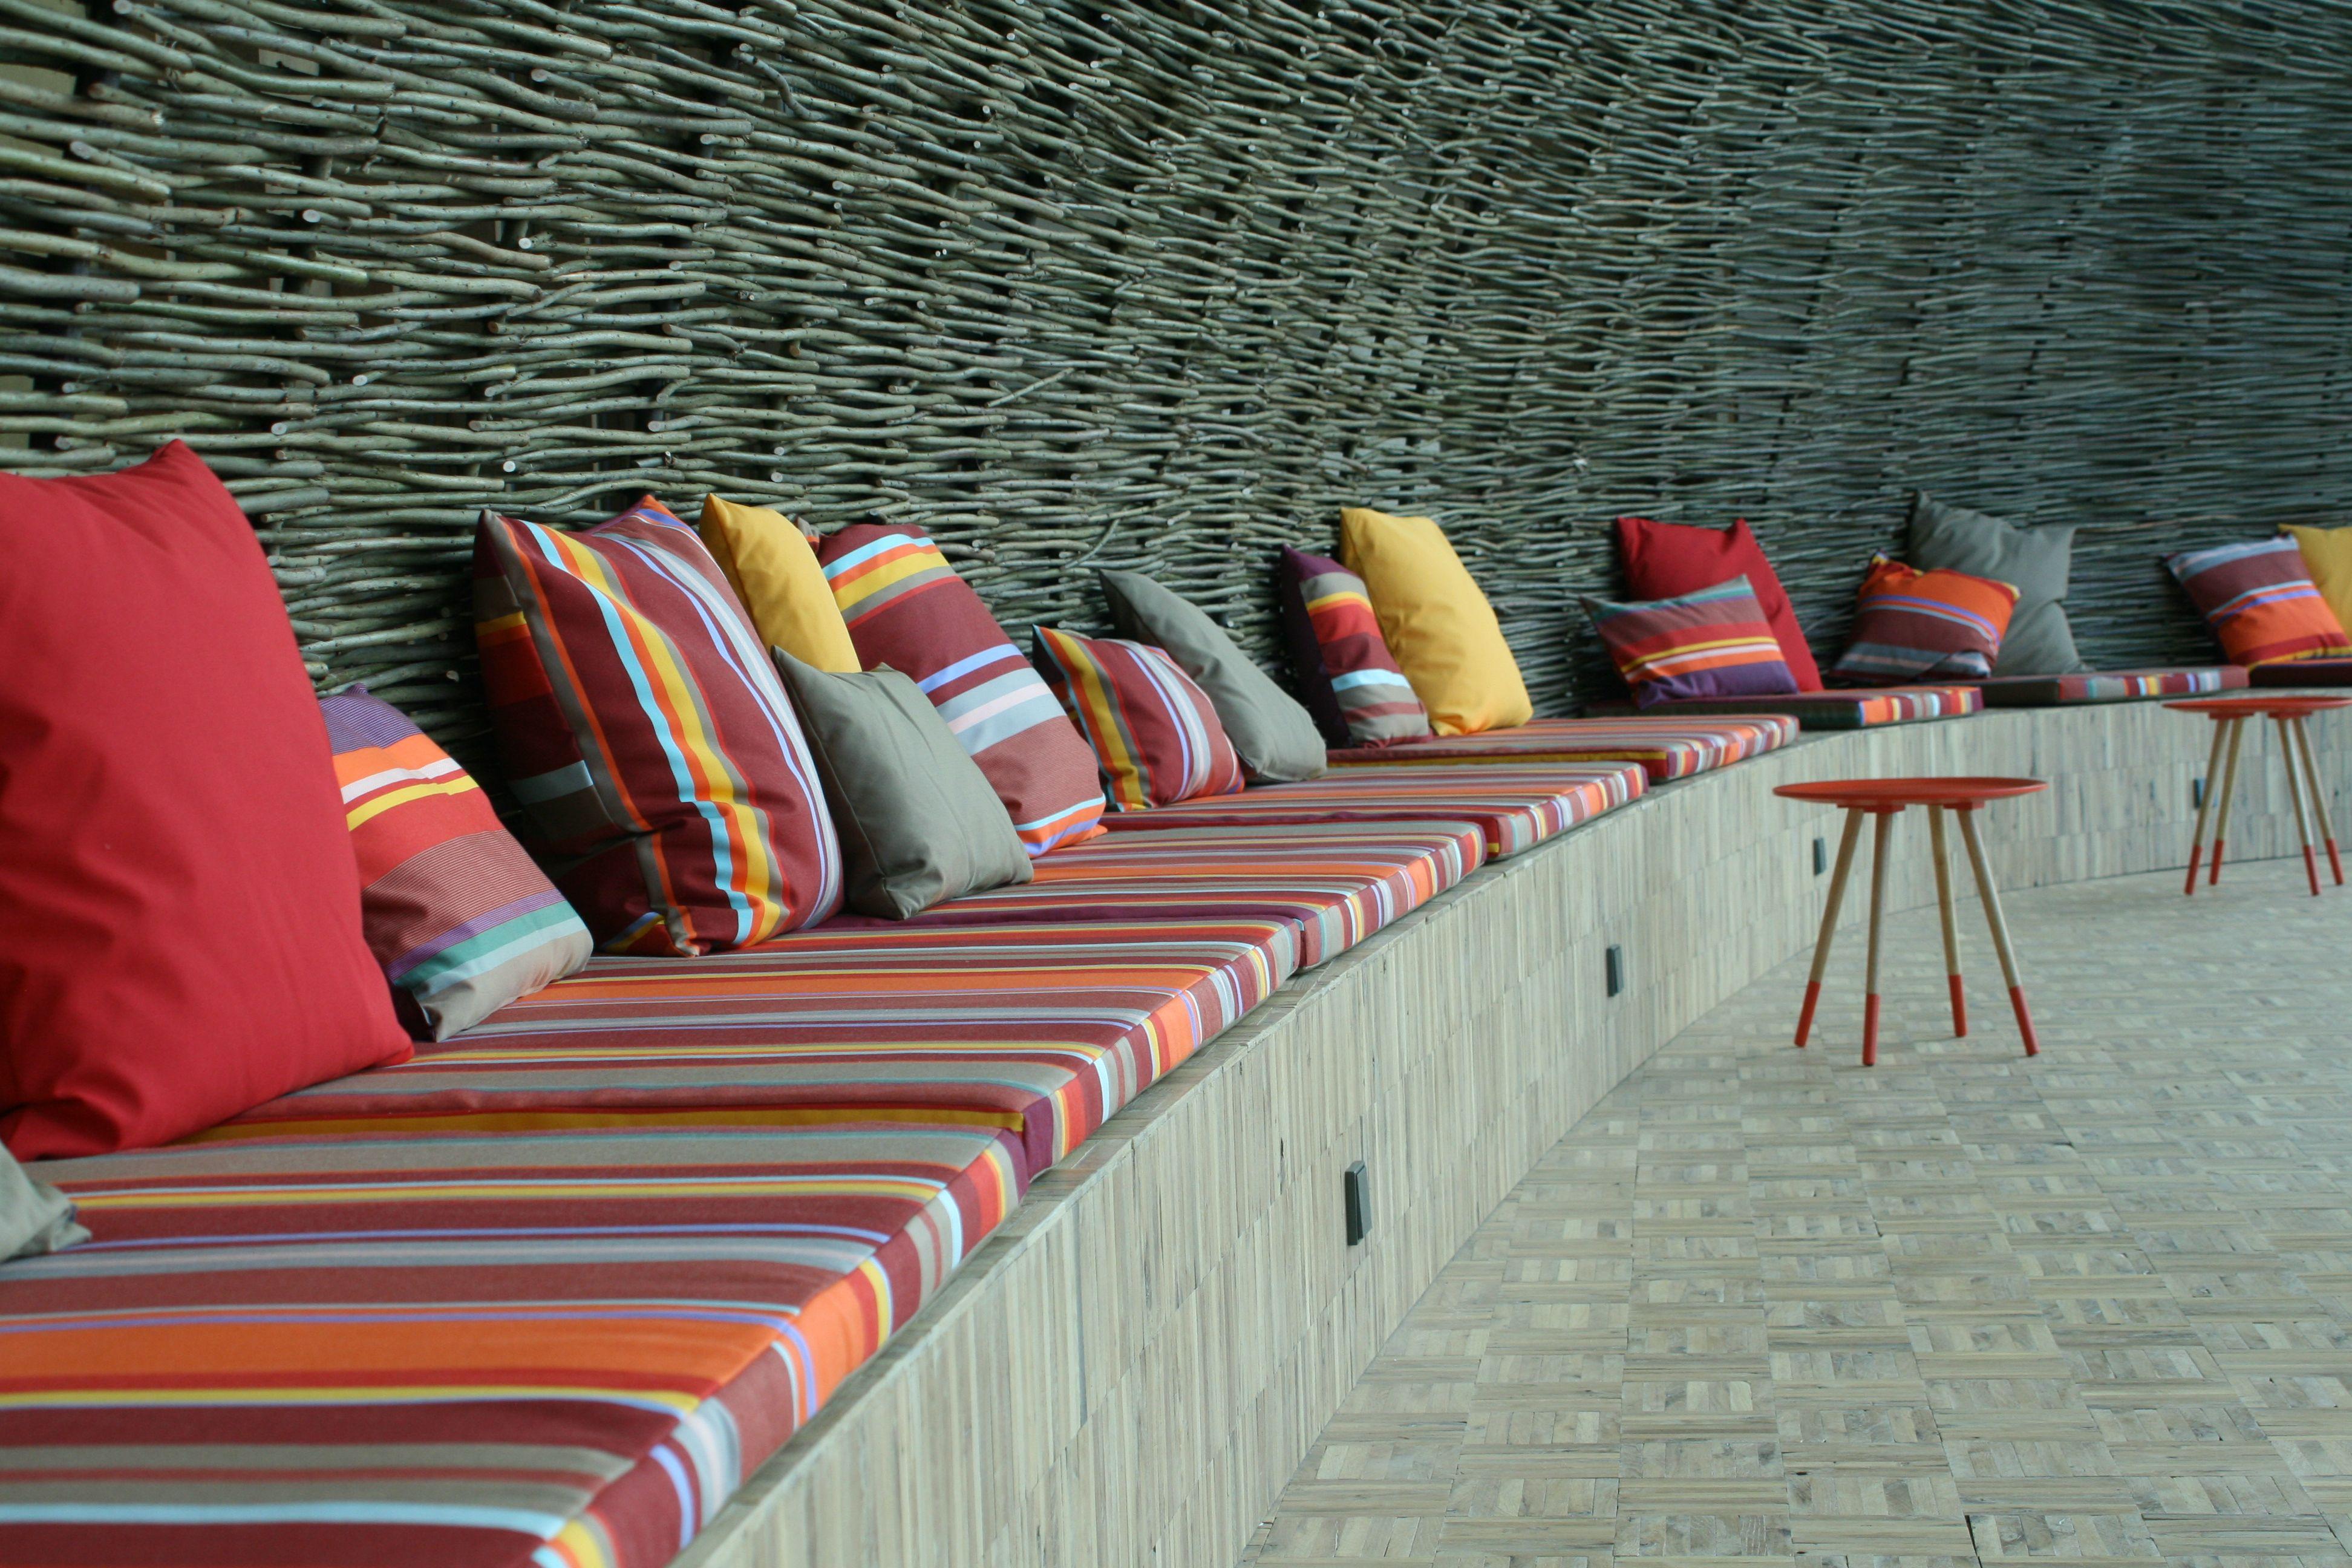 Stoffen Voor Kussens : Relax ruimte in bedrijfspand met beach look & feel. loungebank